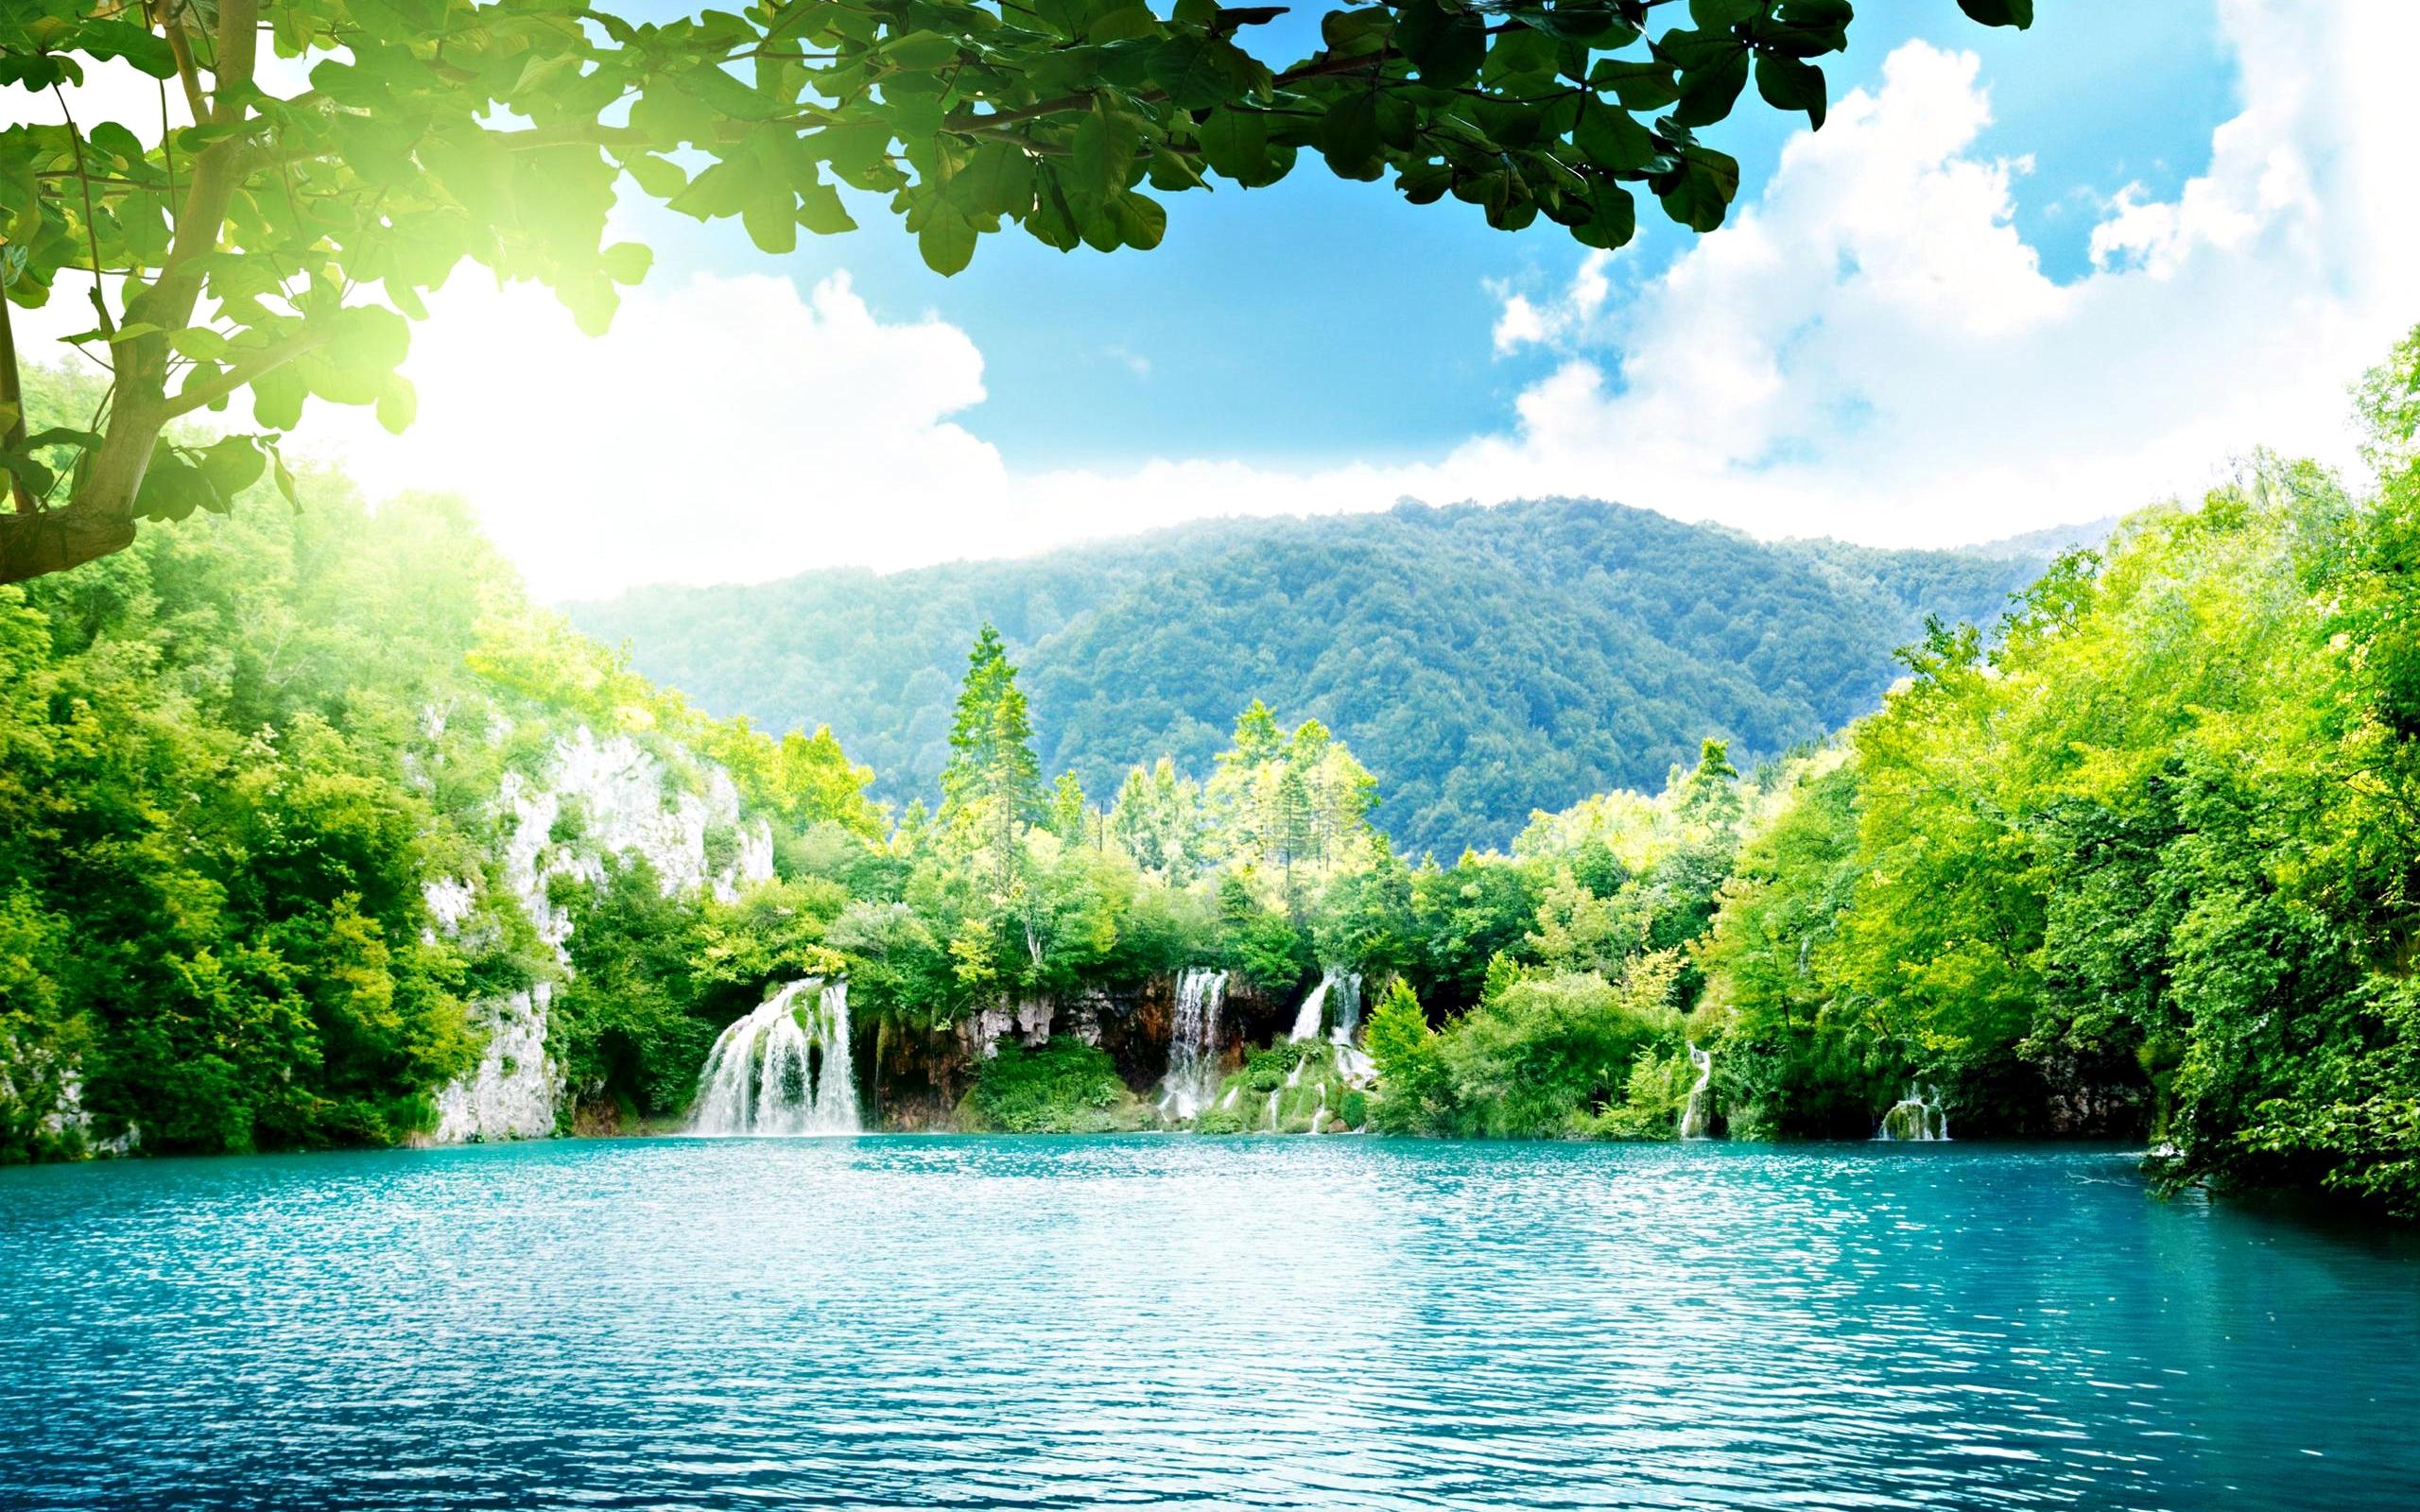 most beautiful landscape of the wood HD Desktop Wallpaper HD Desktop 2560x1600